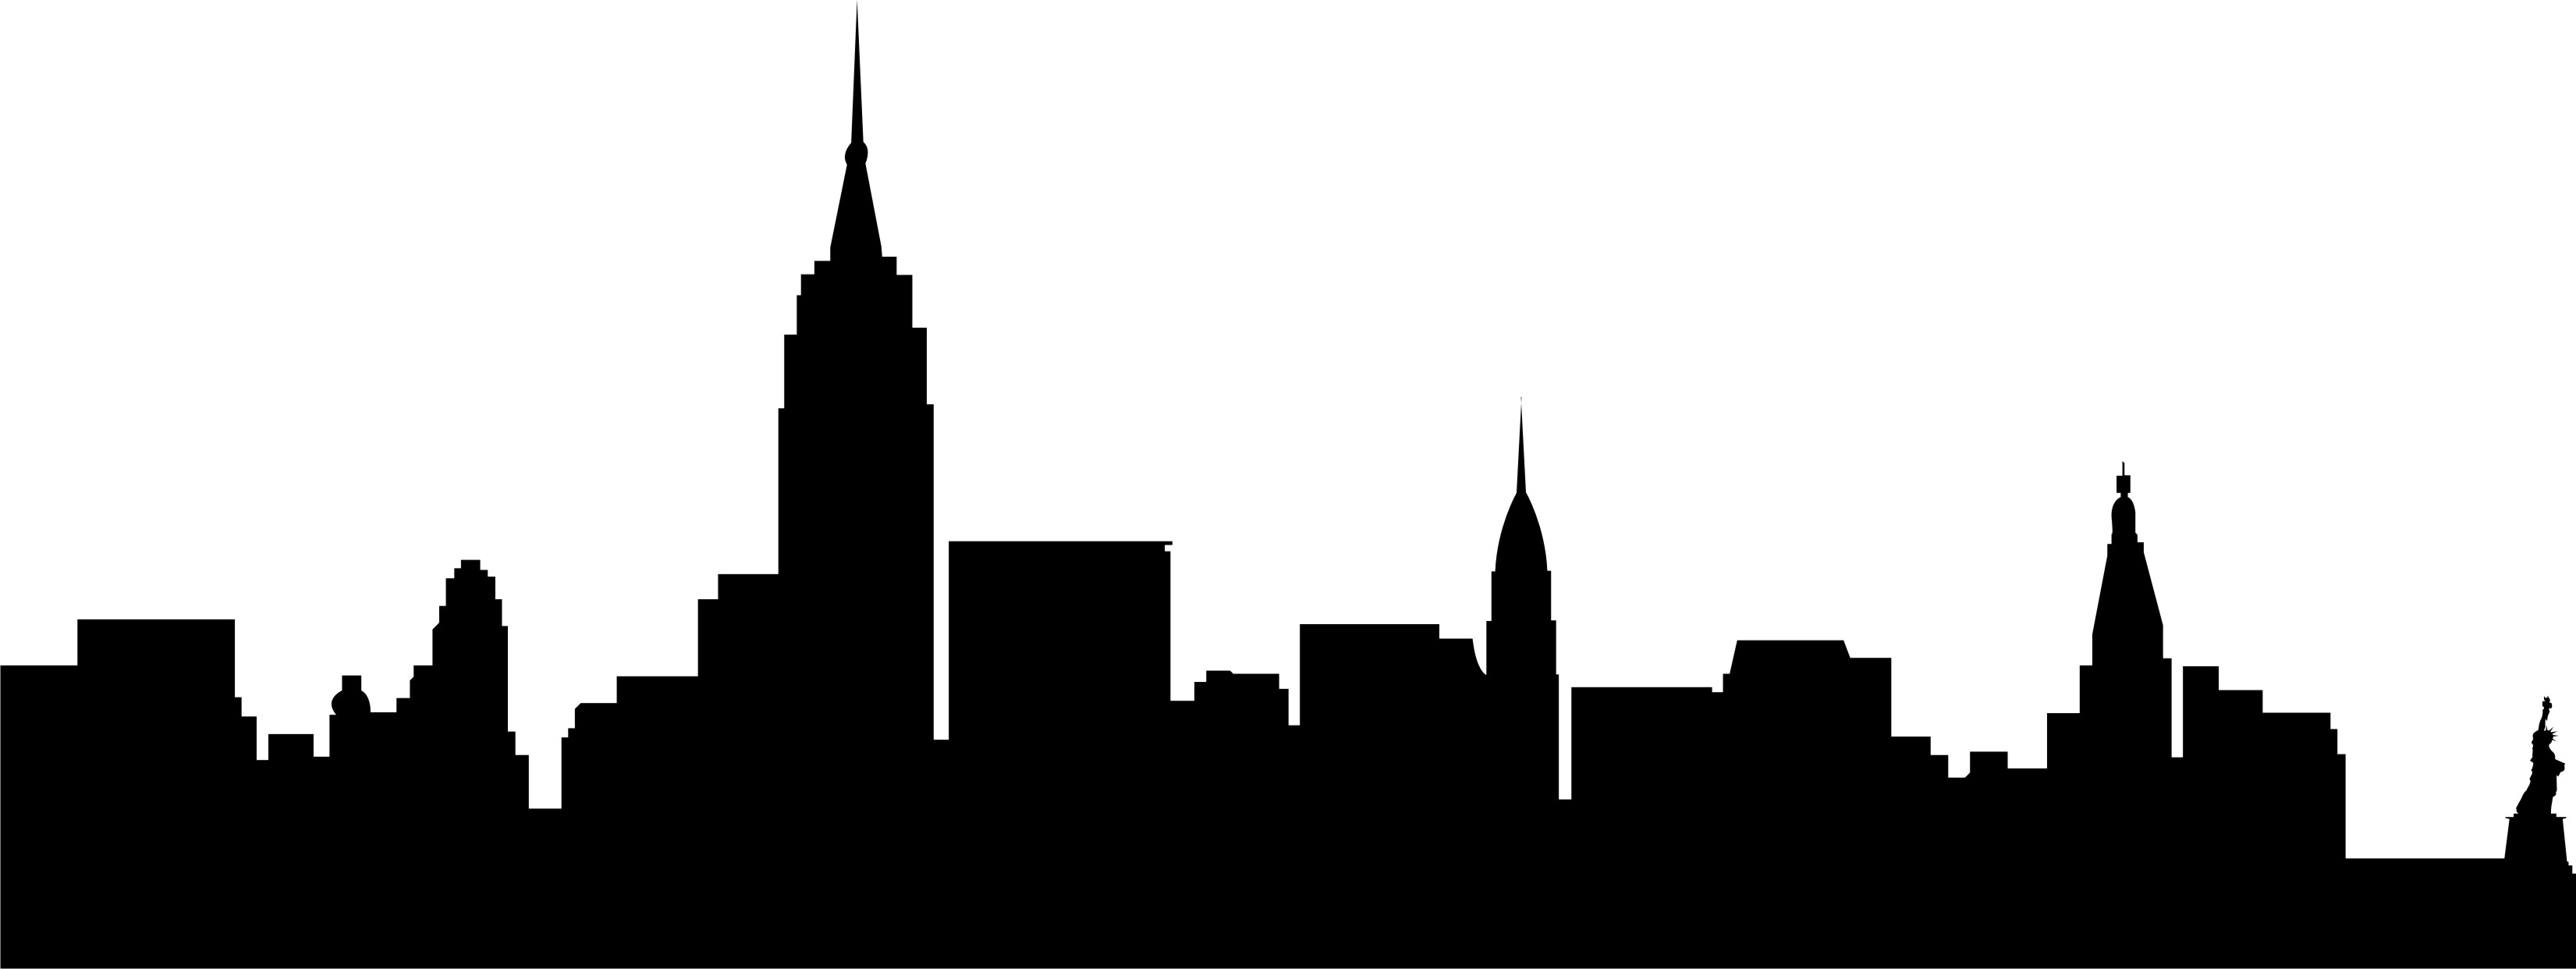 City Landscape Clipart - Clipart Kid